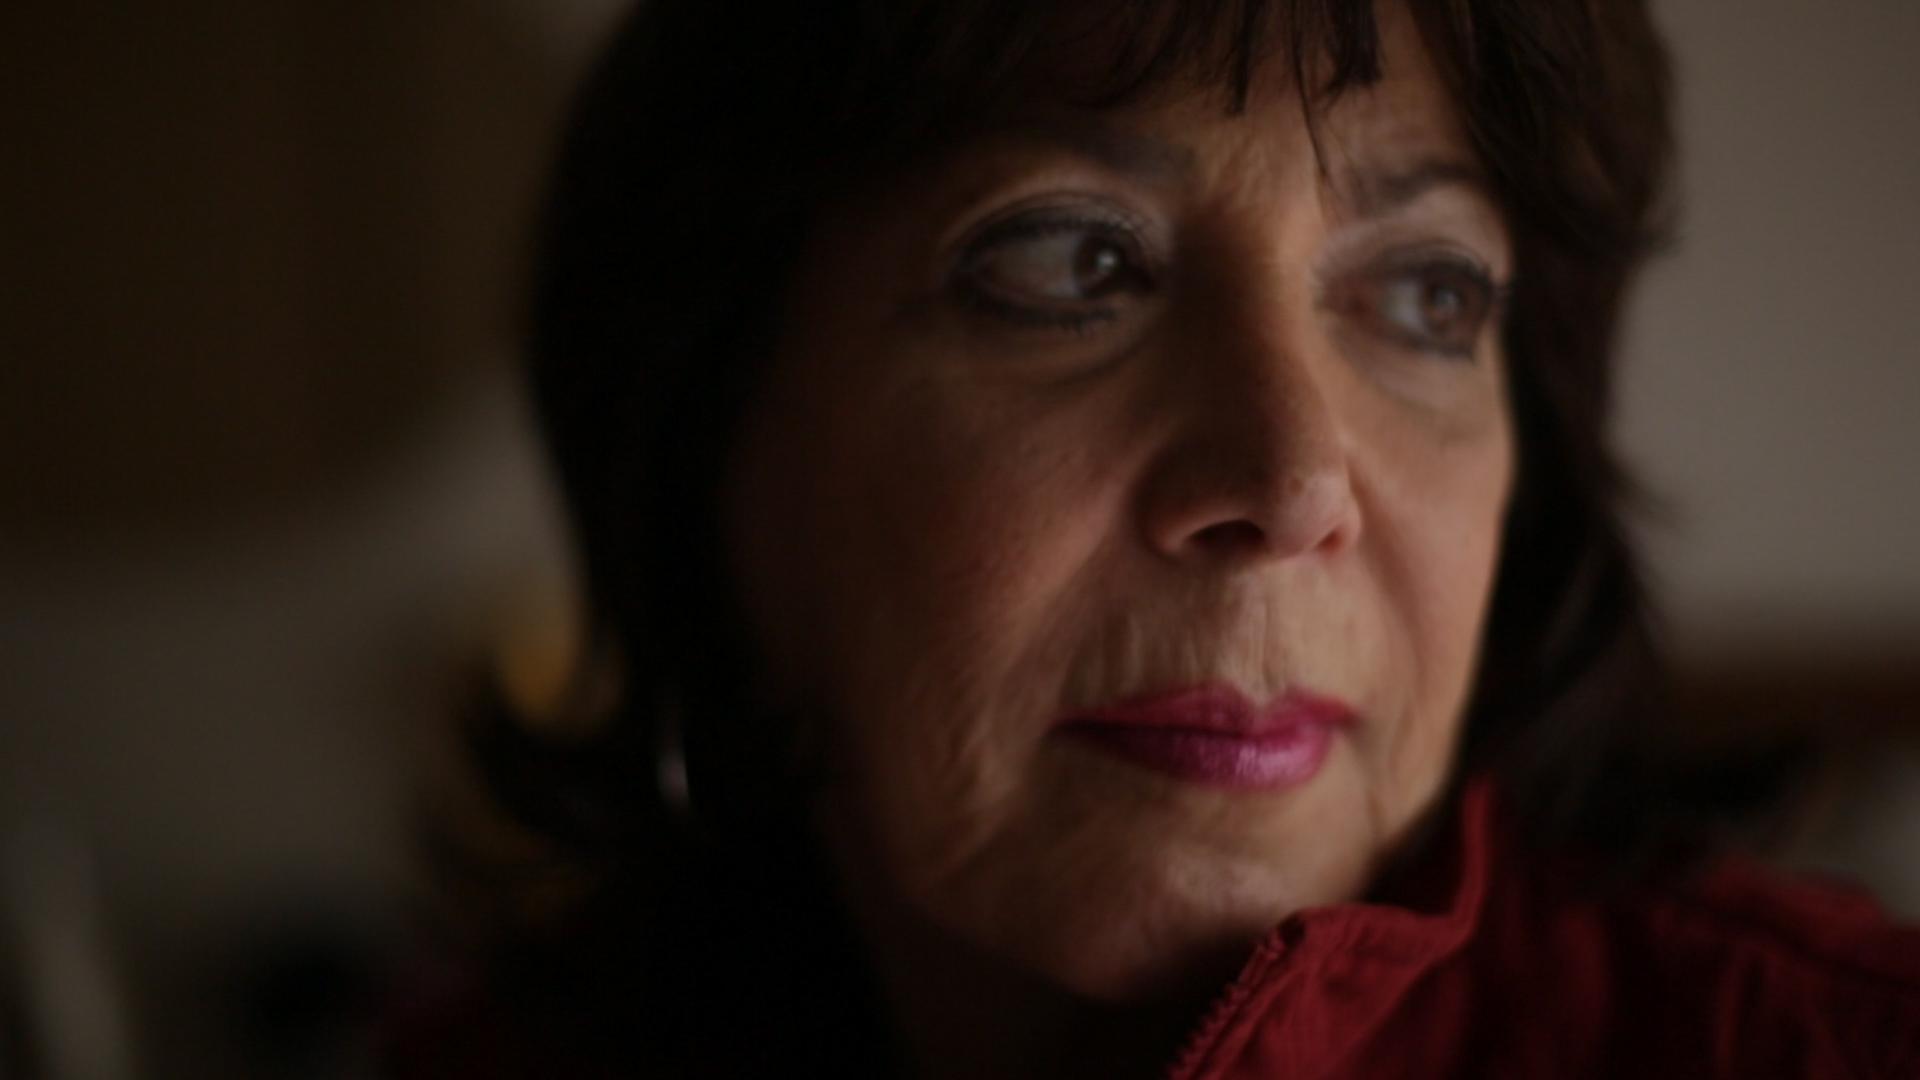 Carole Priven - Age 69